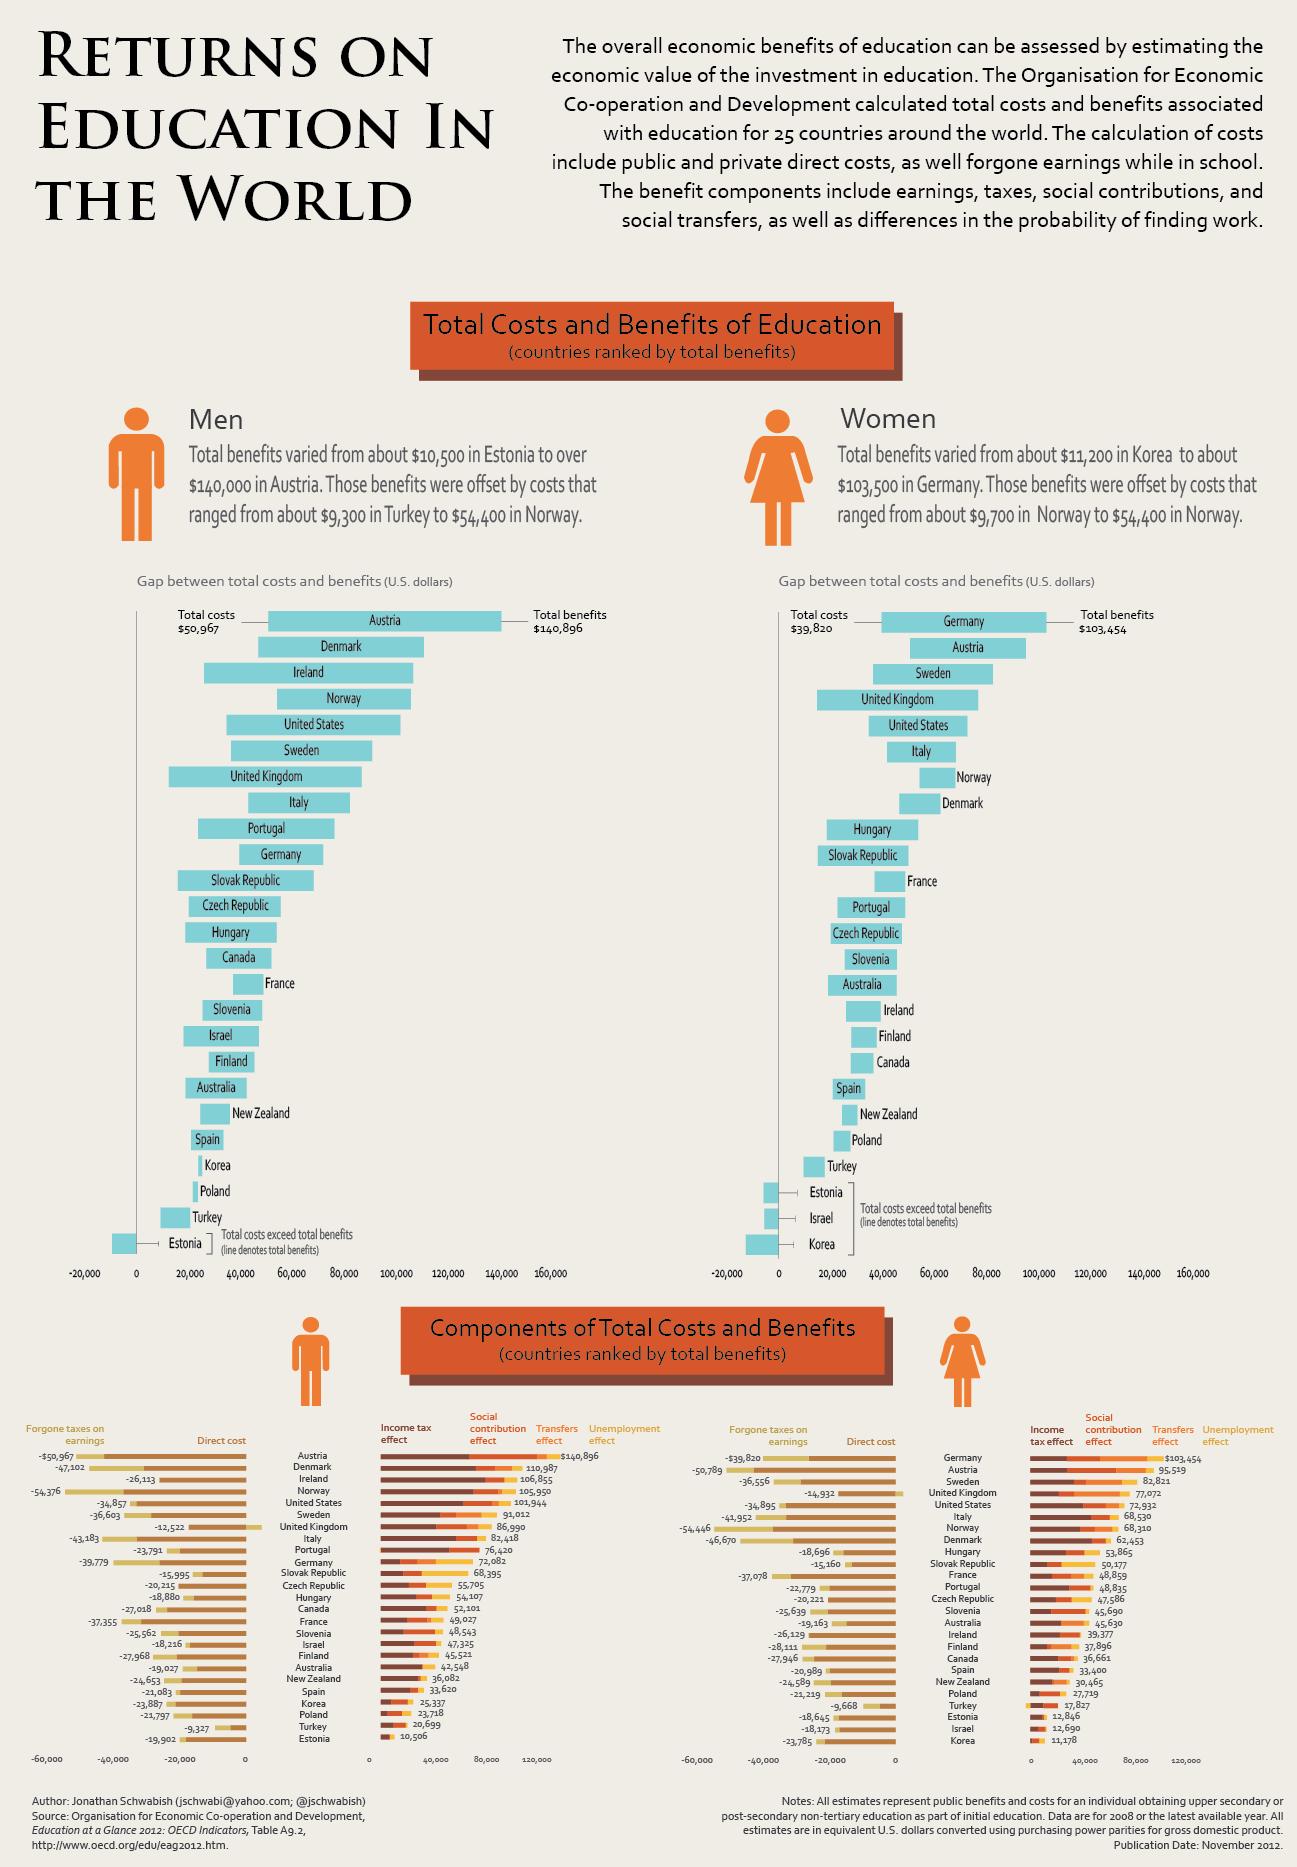 coste y beneficio de la educación en el mundo